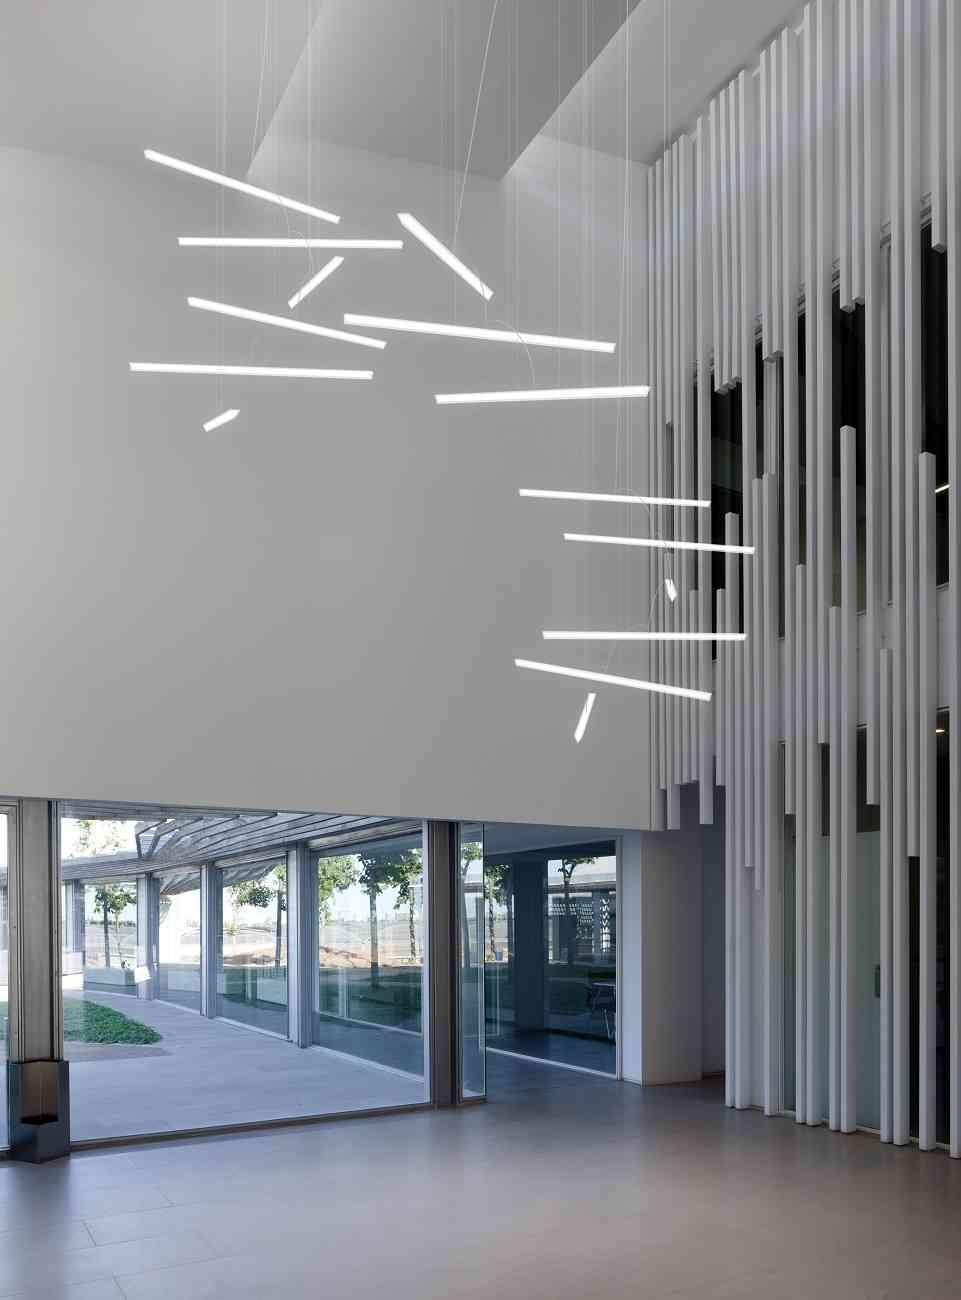 Cómo influye la tecnología LED a la hora del diseño de lámparas 5